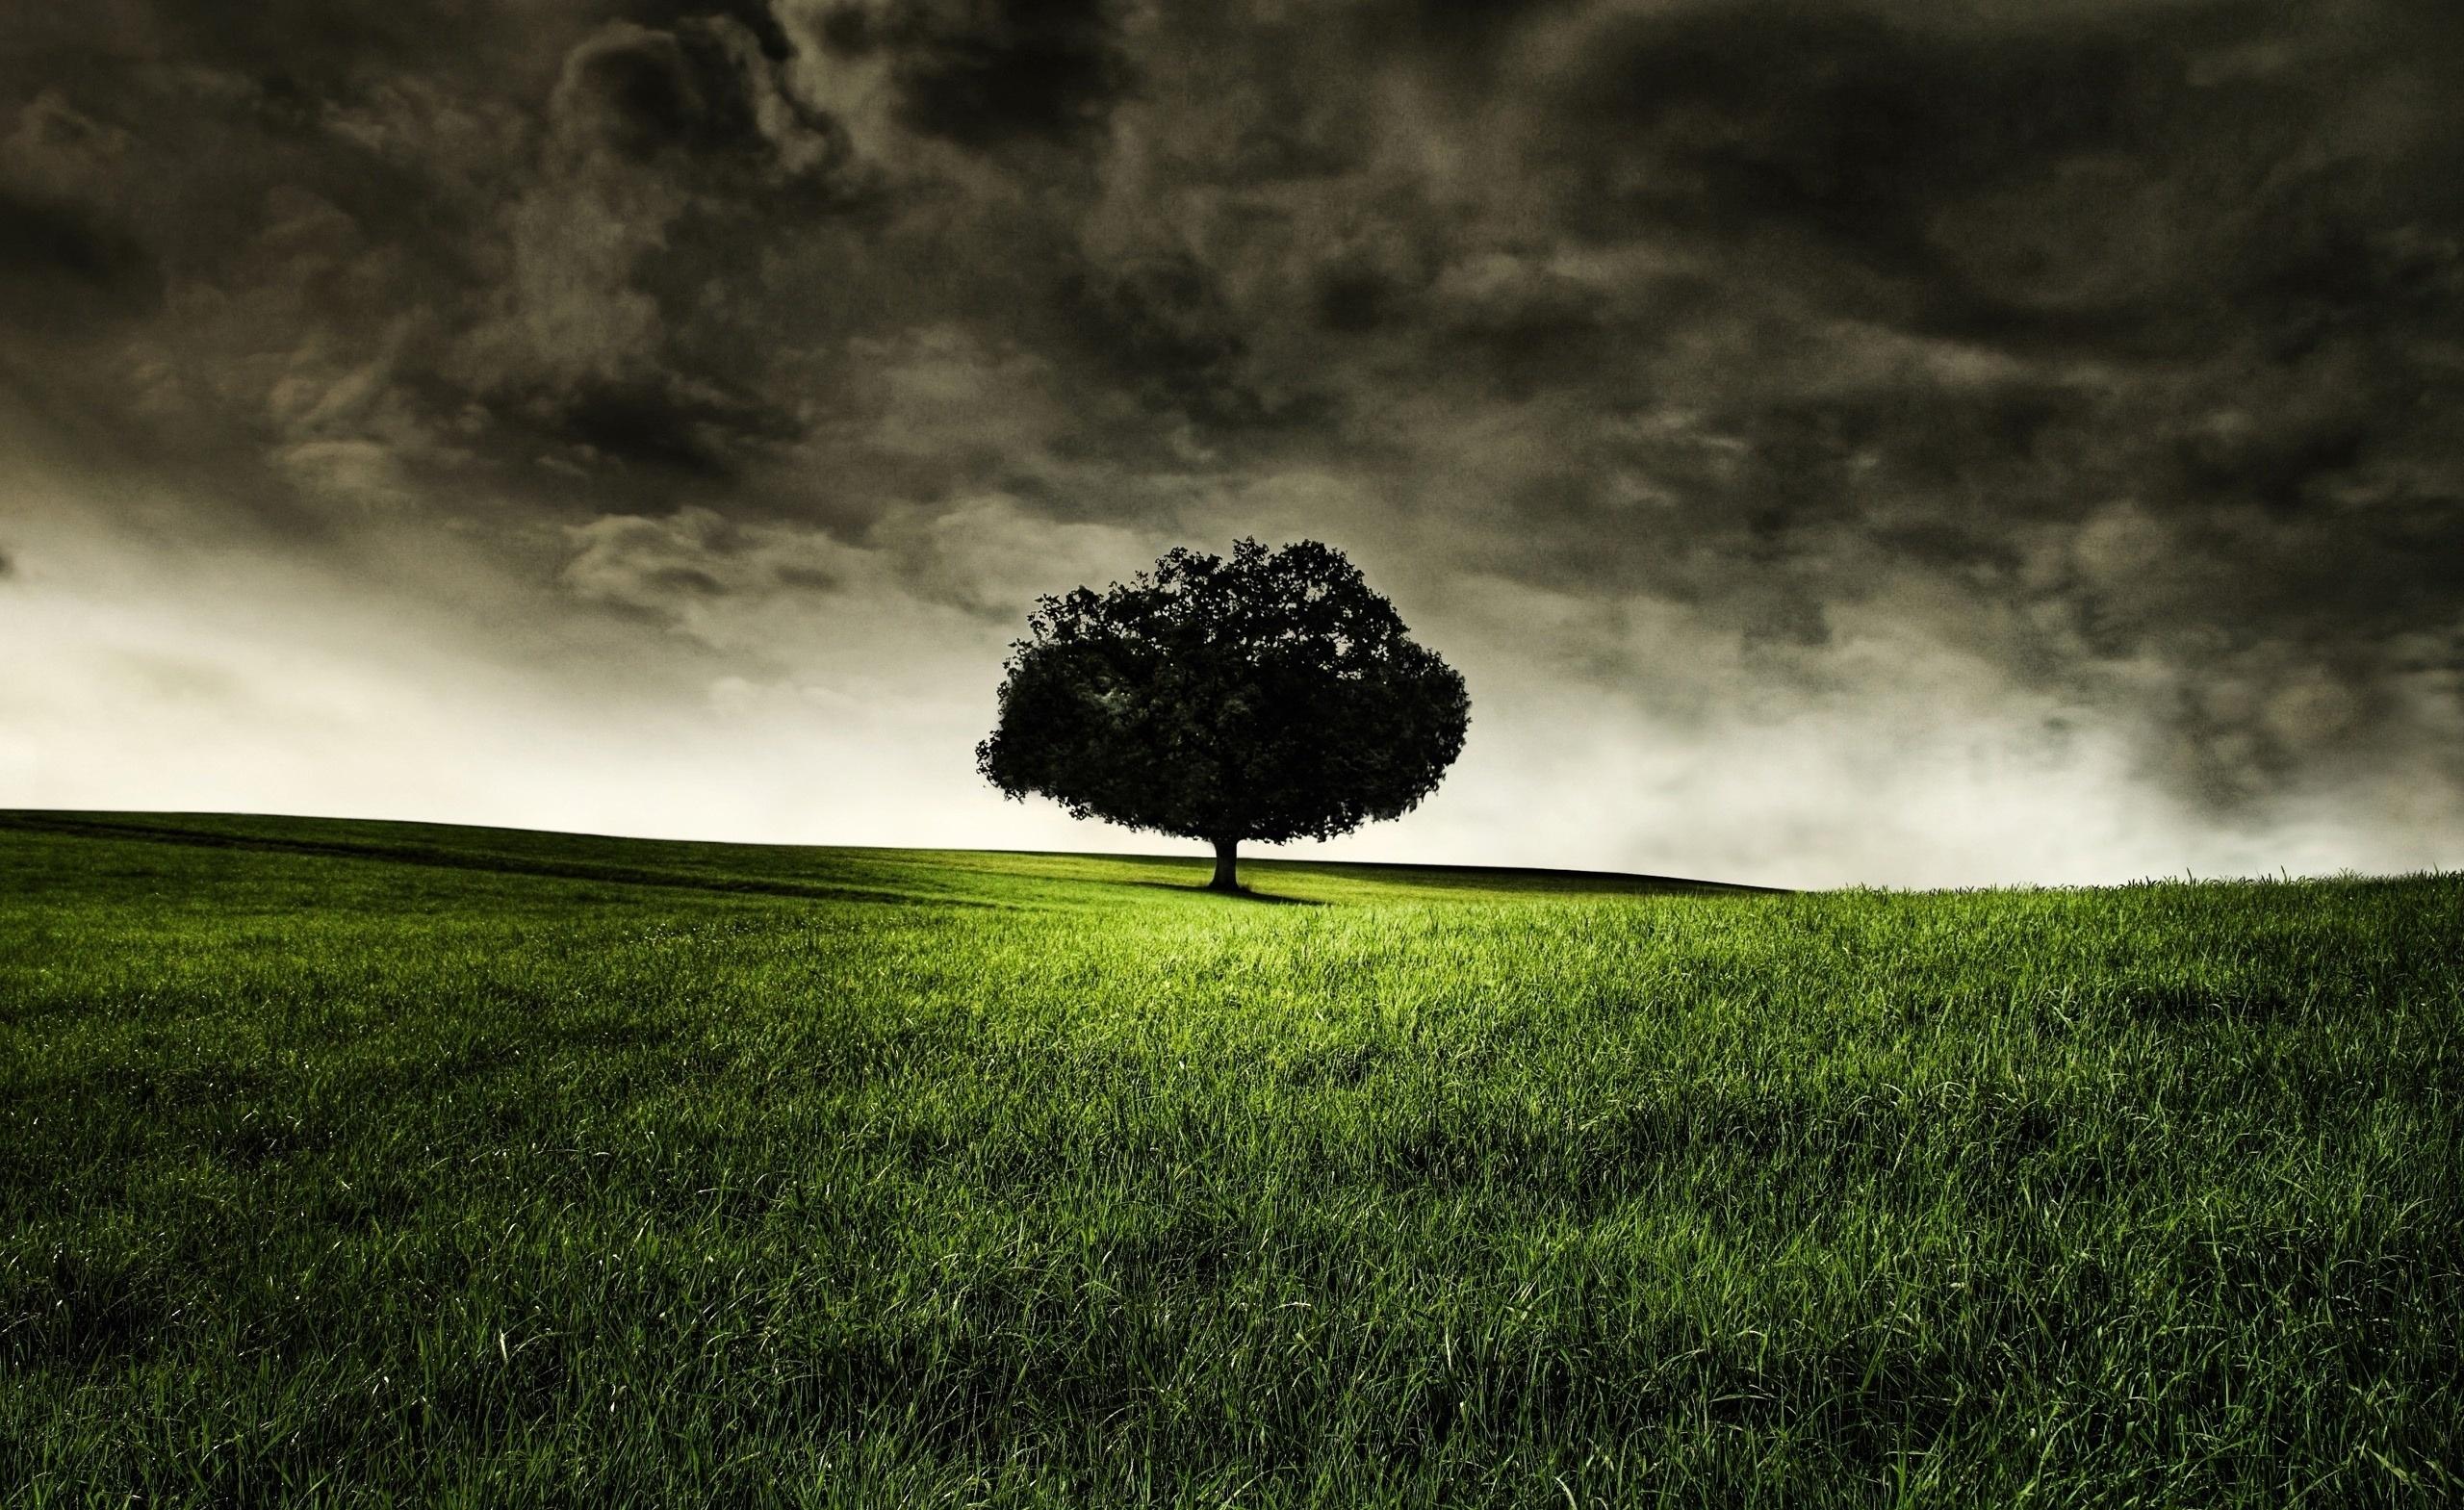 wallpaper hill, field, tree, clouds, dark clouds, grass desktop